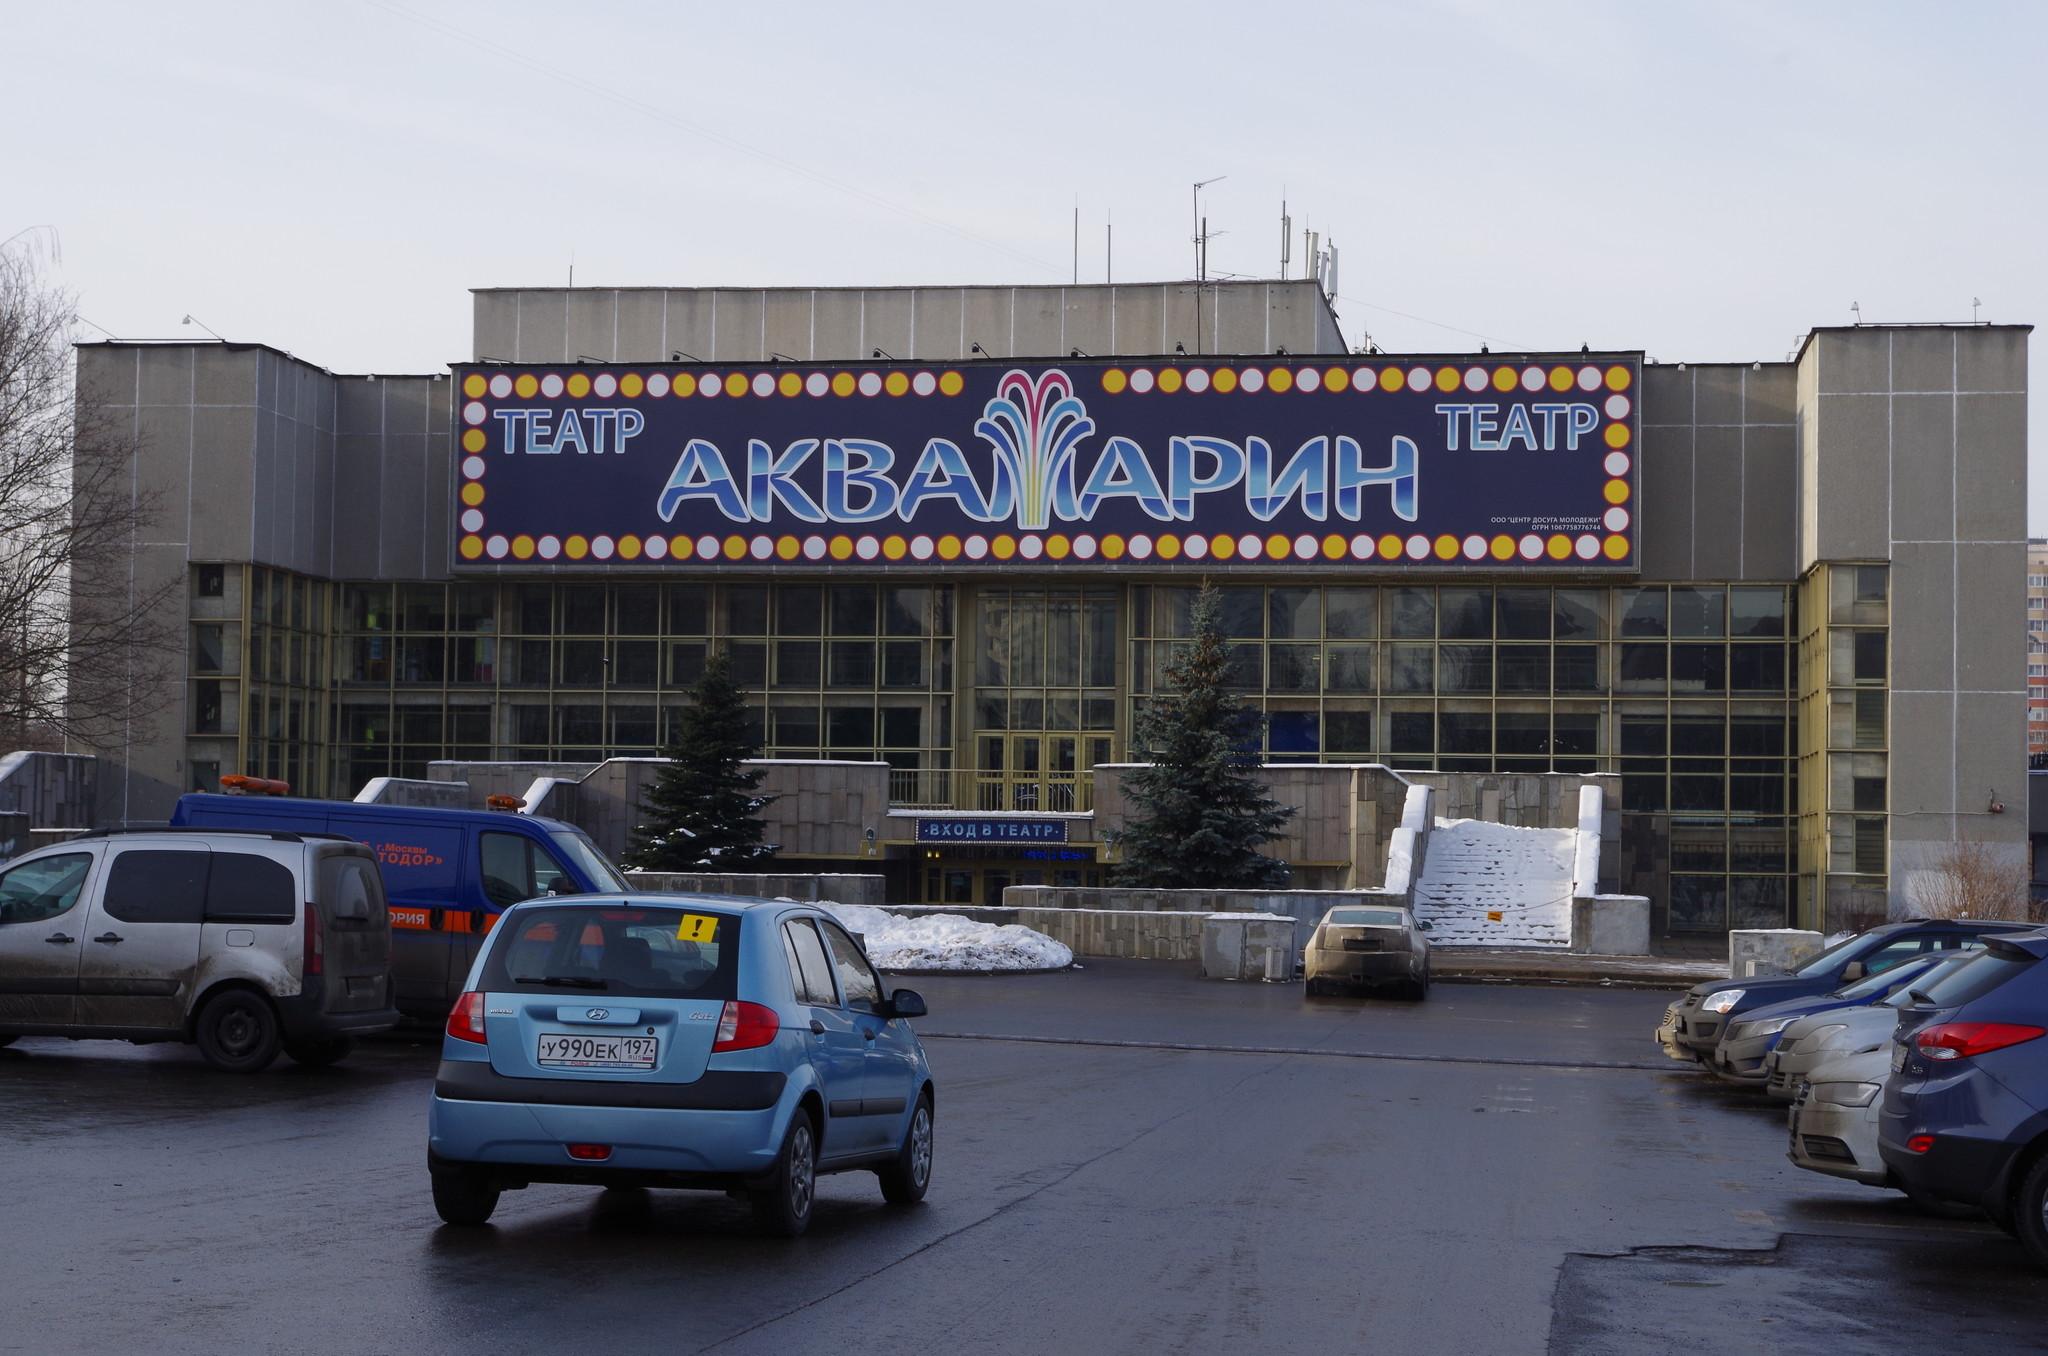 Музыкальный театр «Аквамарин» в Кунцево (улица Ивана Франко, дом 14)